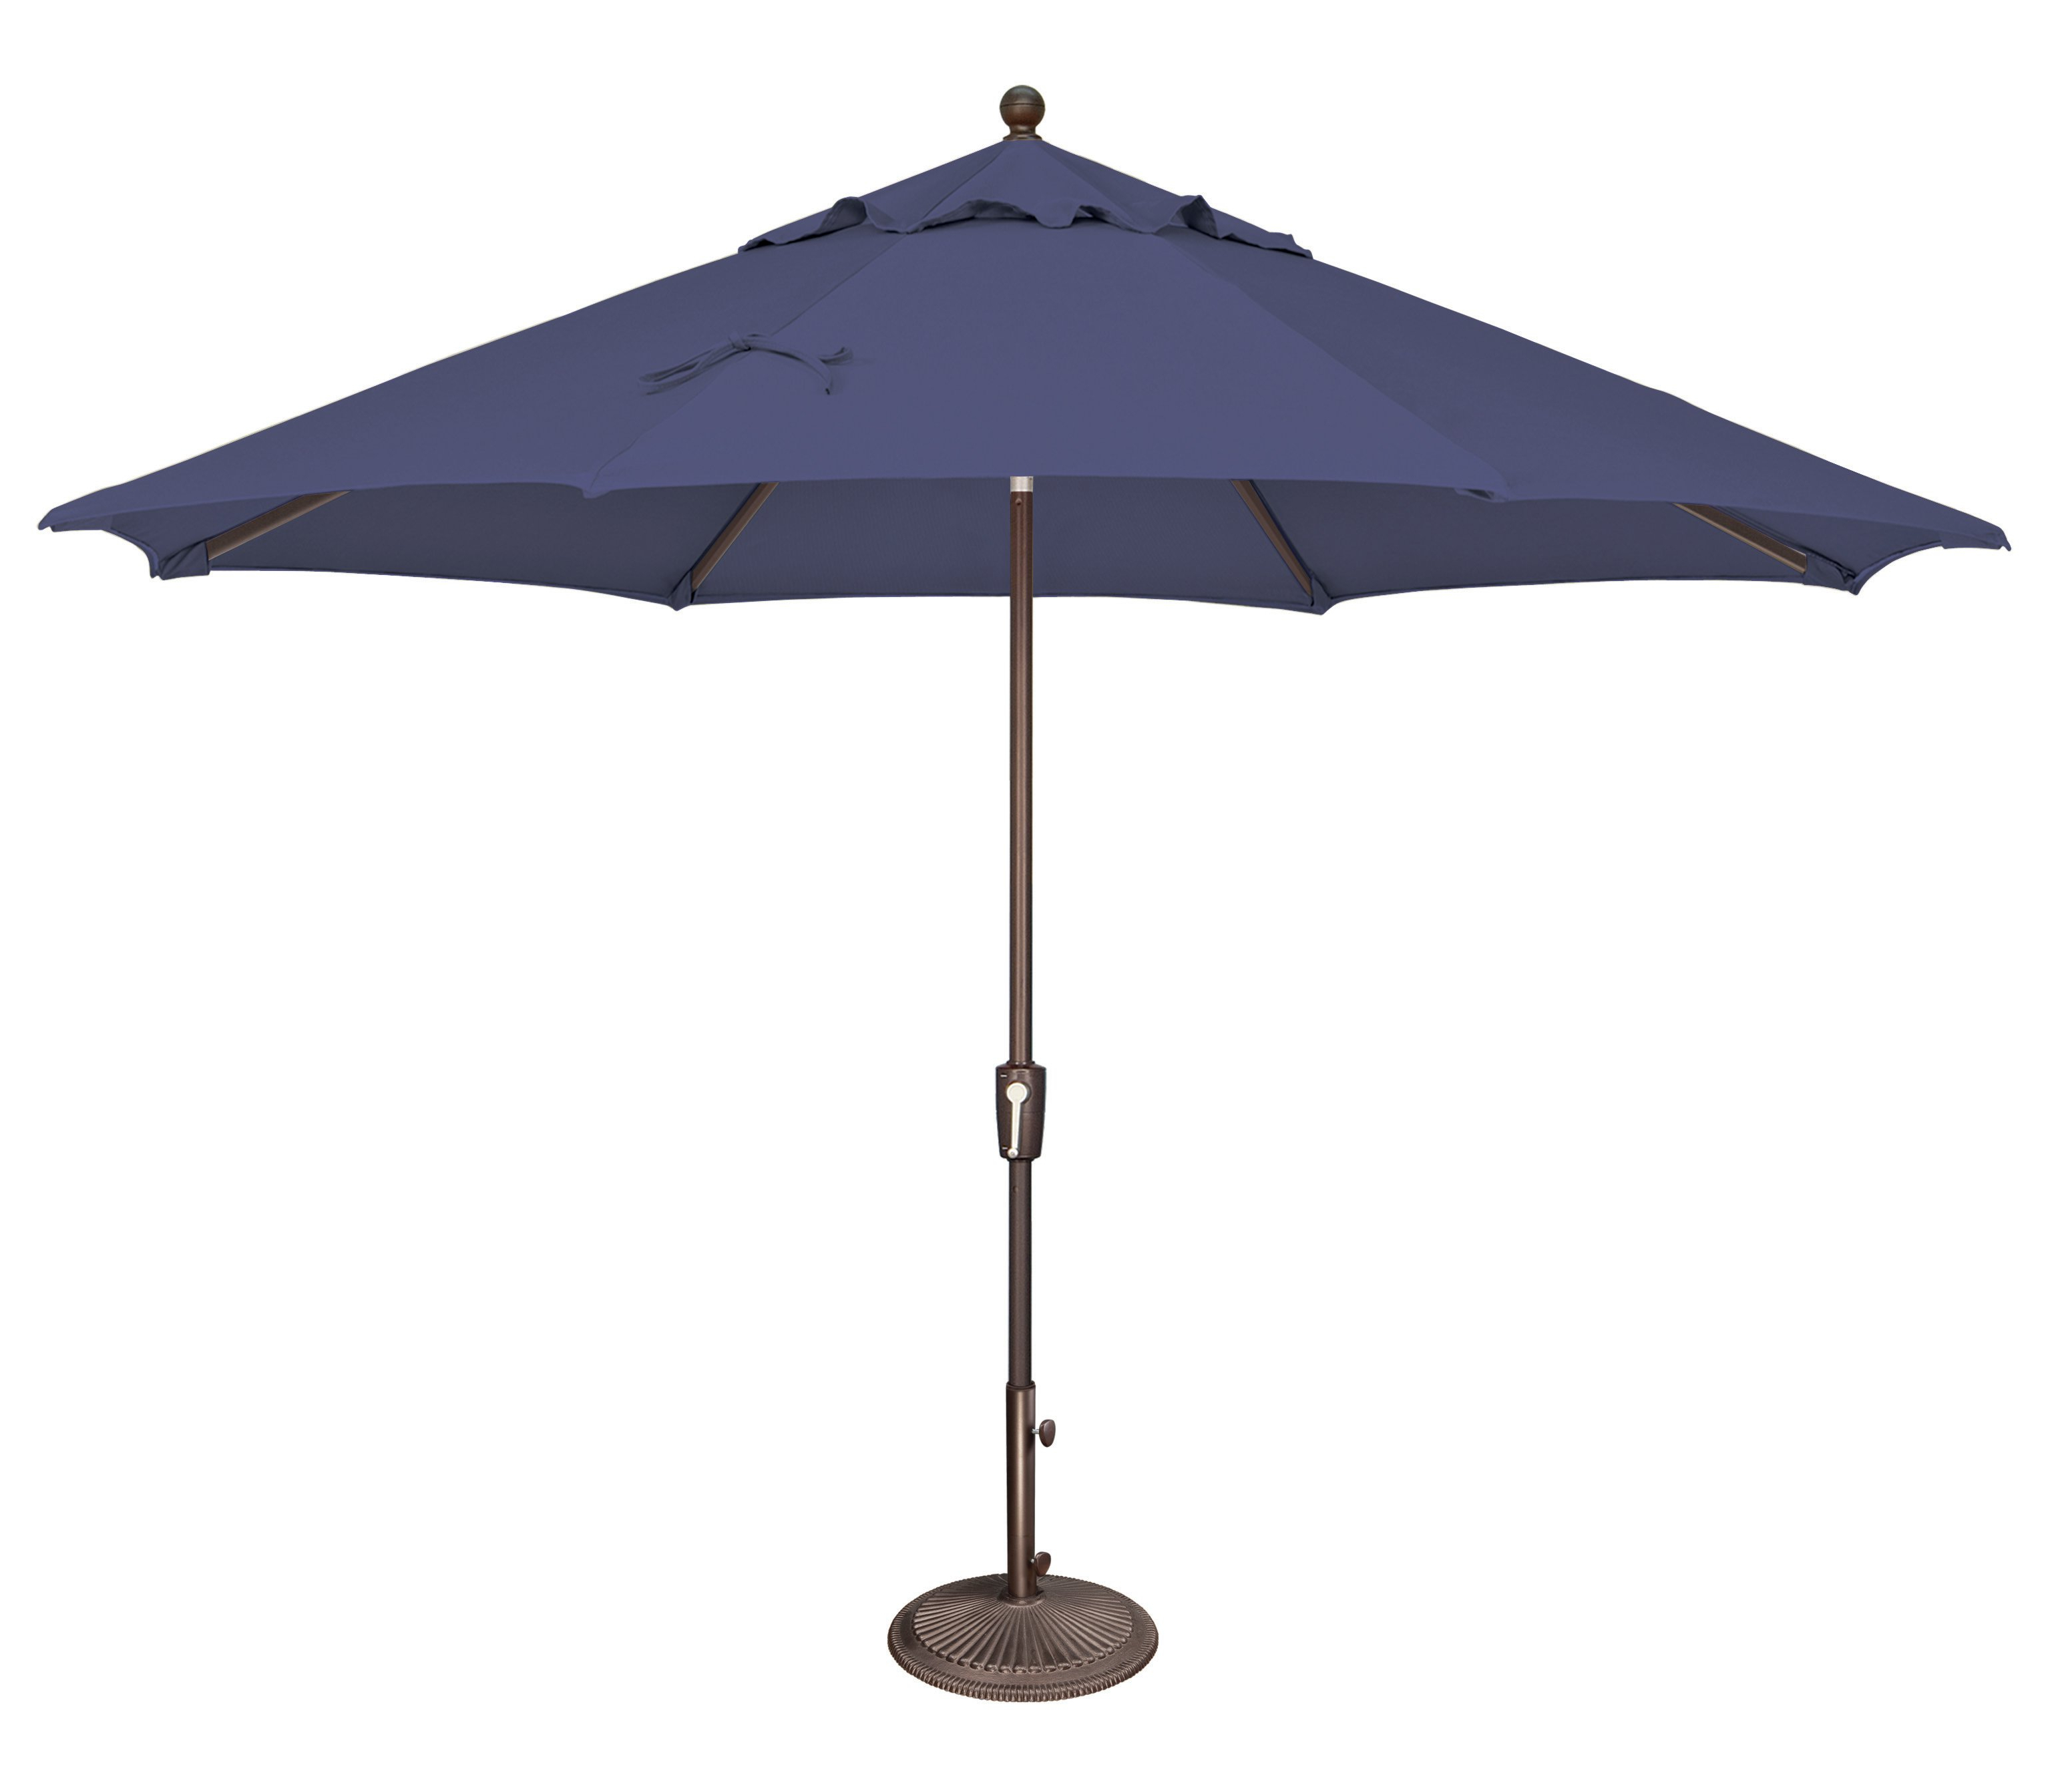 Launceston 11' Market Umbrella Within Widely Used Launceston Rectangular Market Umbrellas (Gallery 5 of 20)